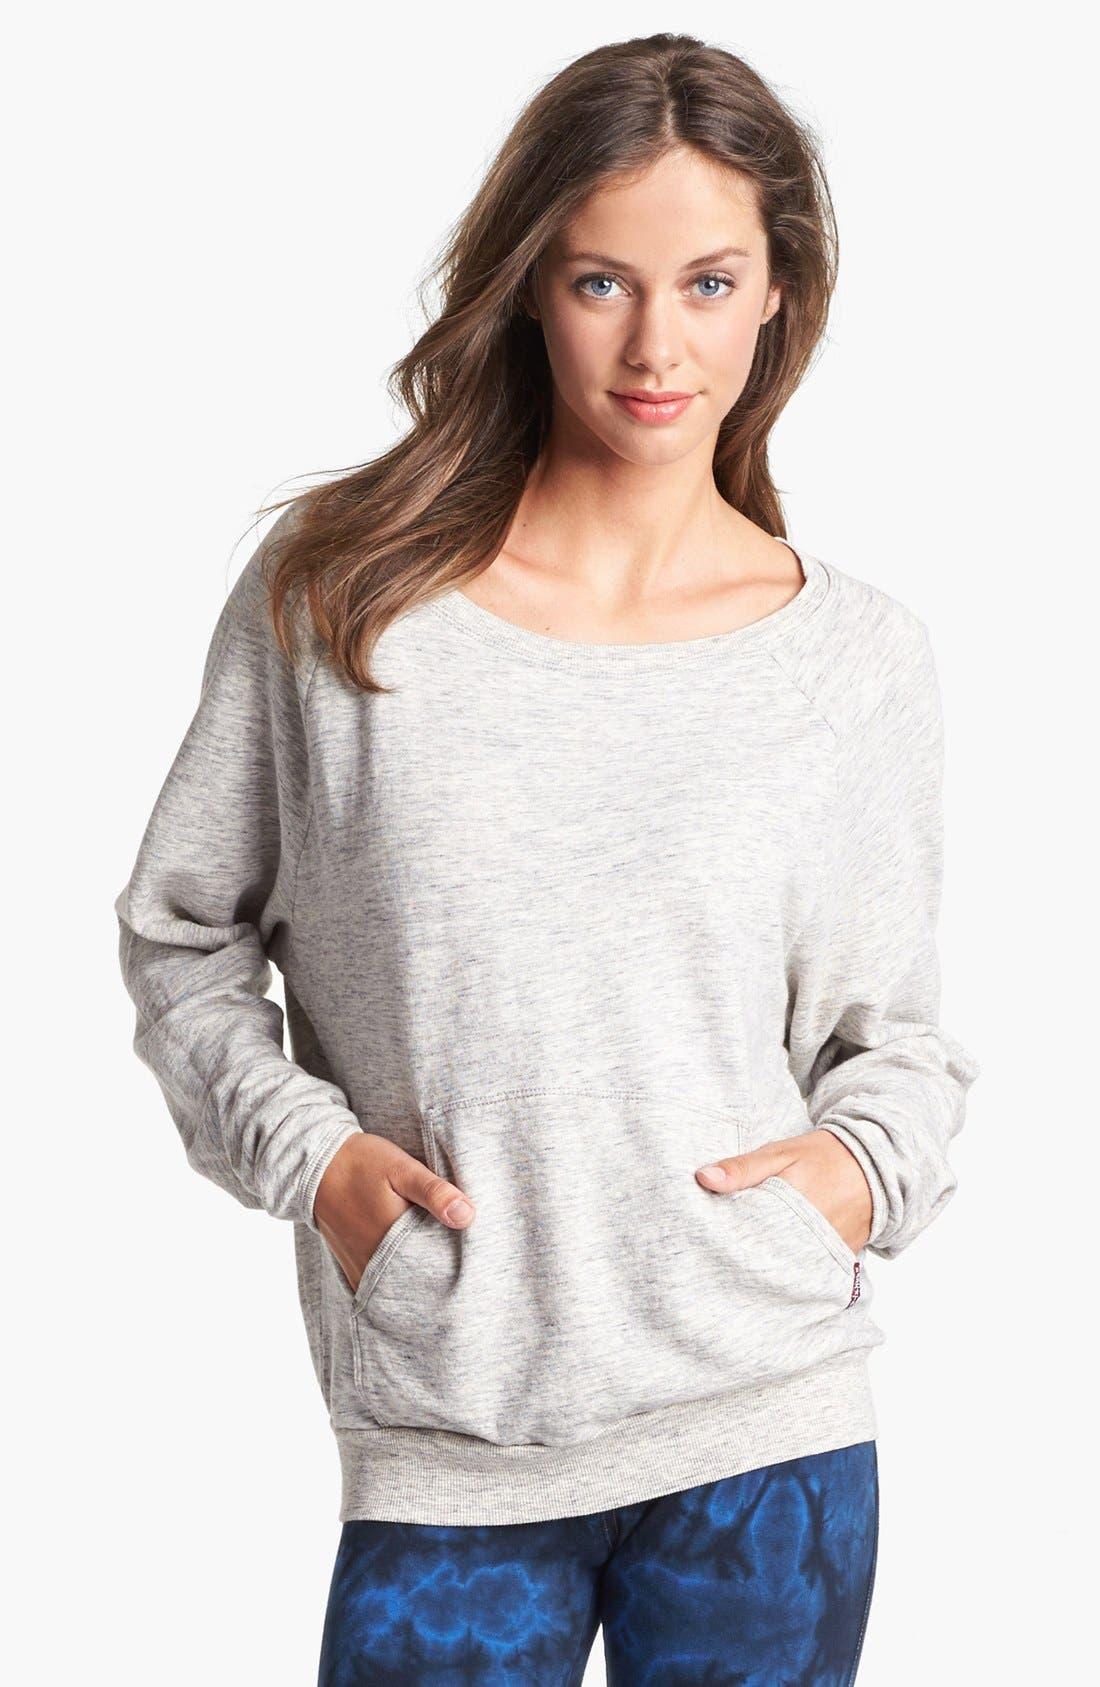 Alternate Image 1 Selected - Hard Tail Raglan Sleeve Sweatshirt (Online Only)